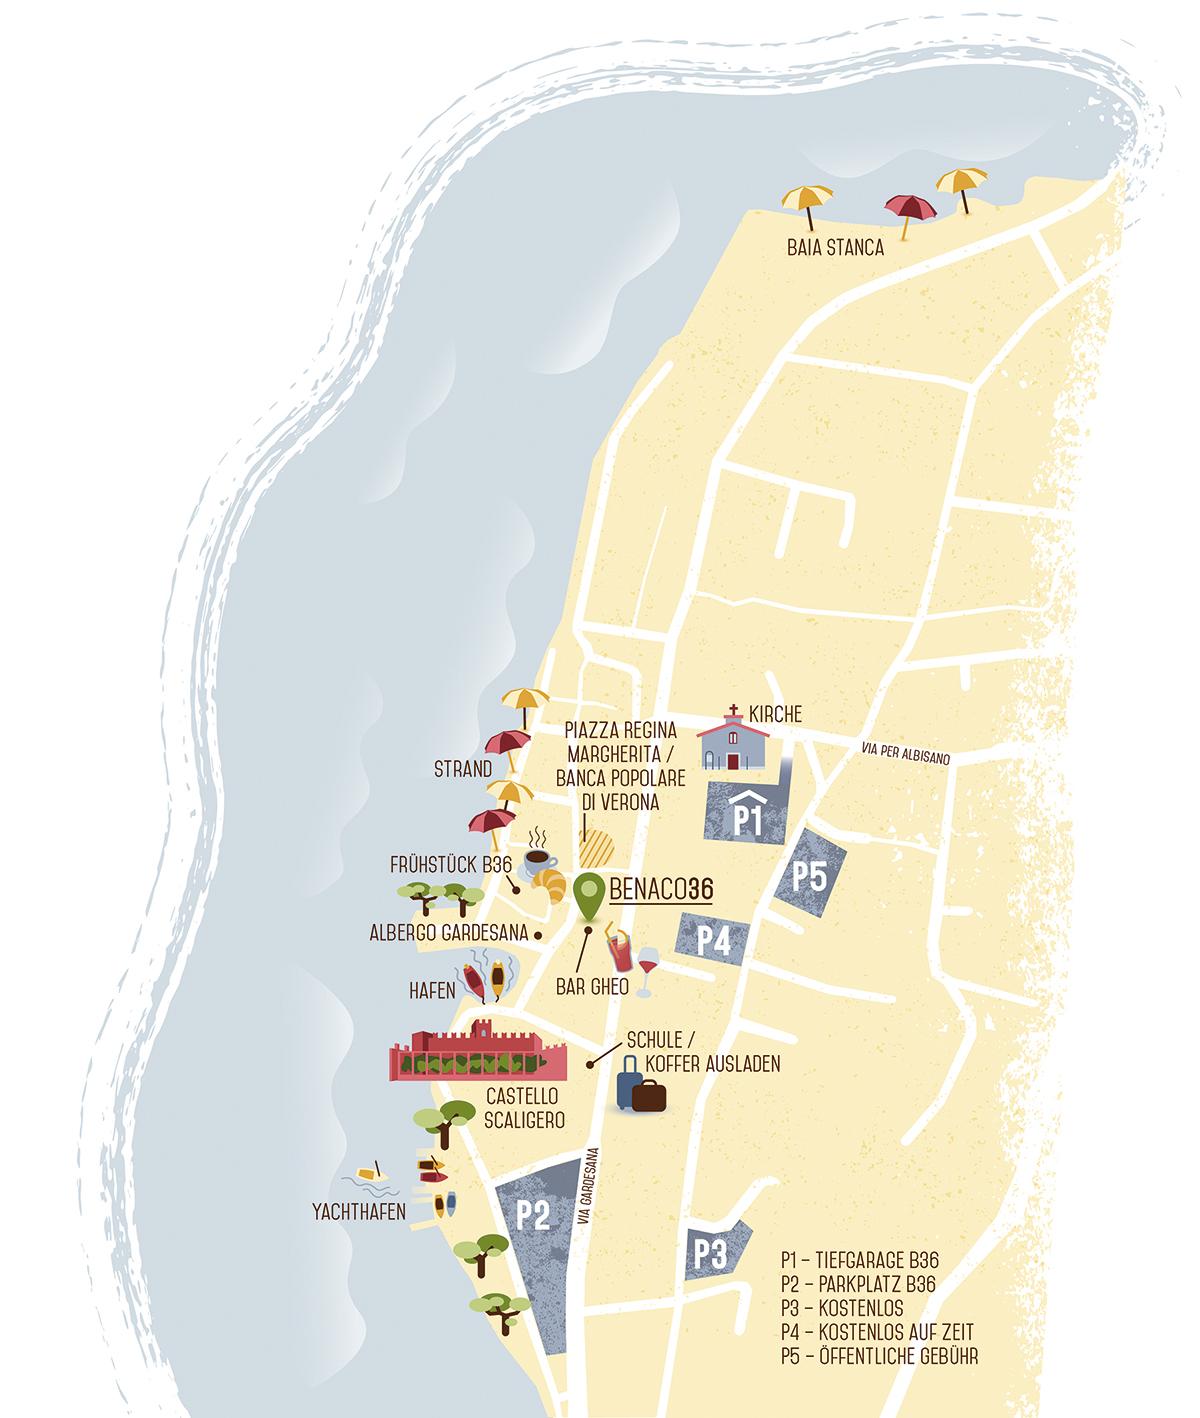 Illustrierter Lageplan eines Hotels am Gardasee. Marina Schilling.